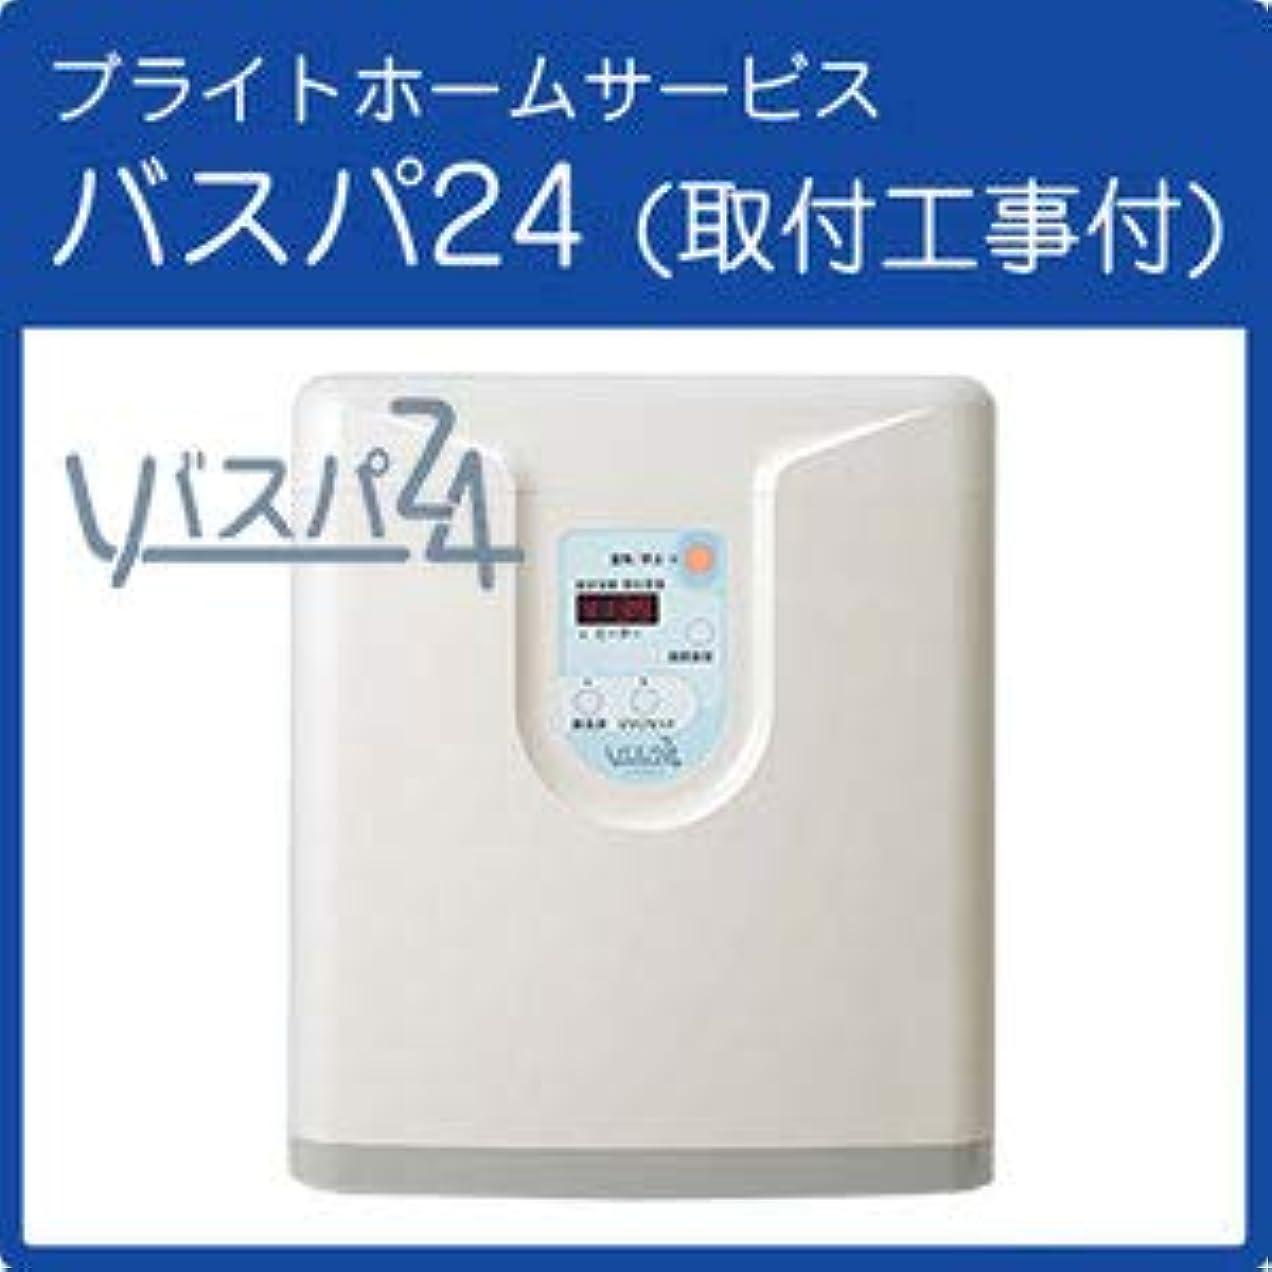 クリエイティブ比率酸っぱいブライトホームサービス 24時間風呂 循環温浴器 バスパ24 BHS-02B お取付工事付